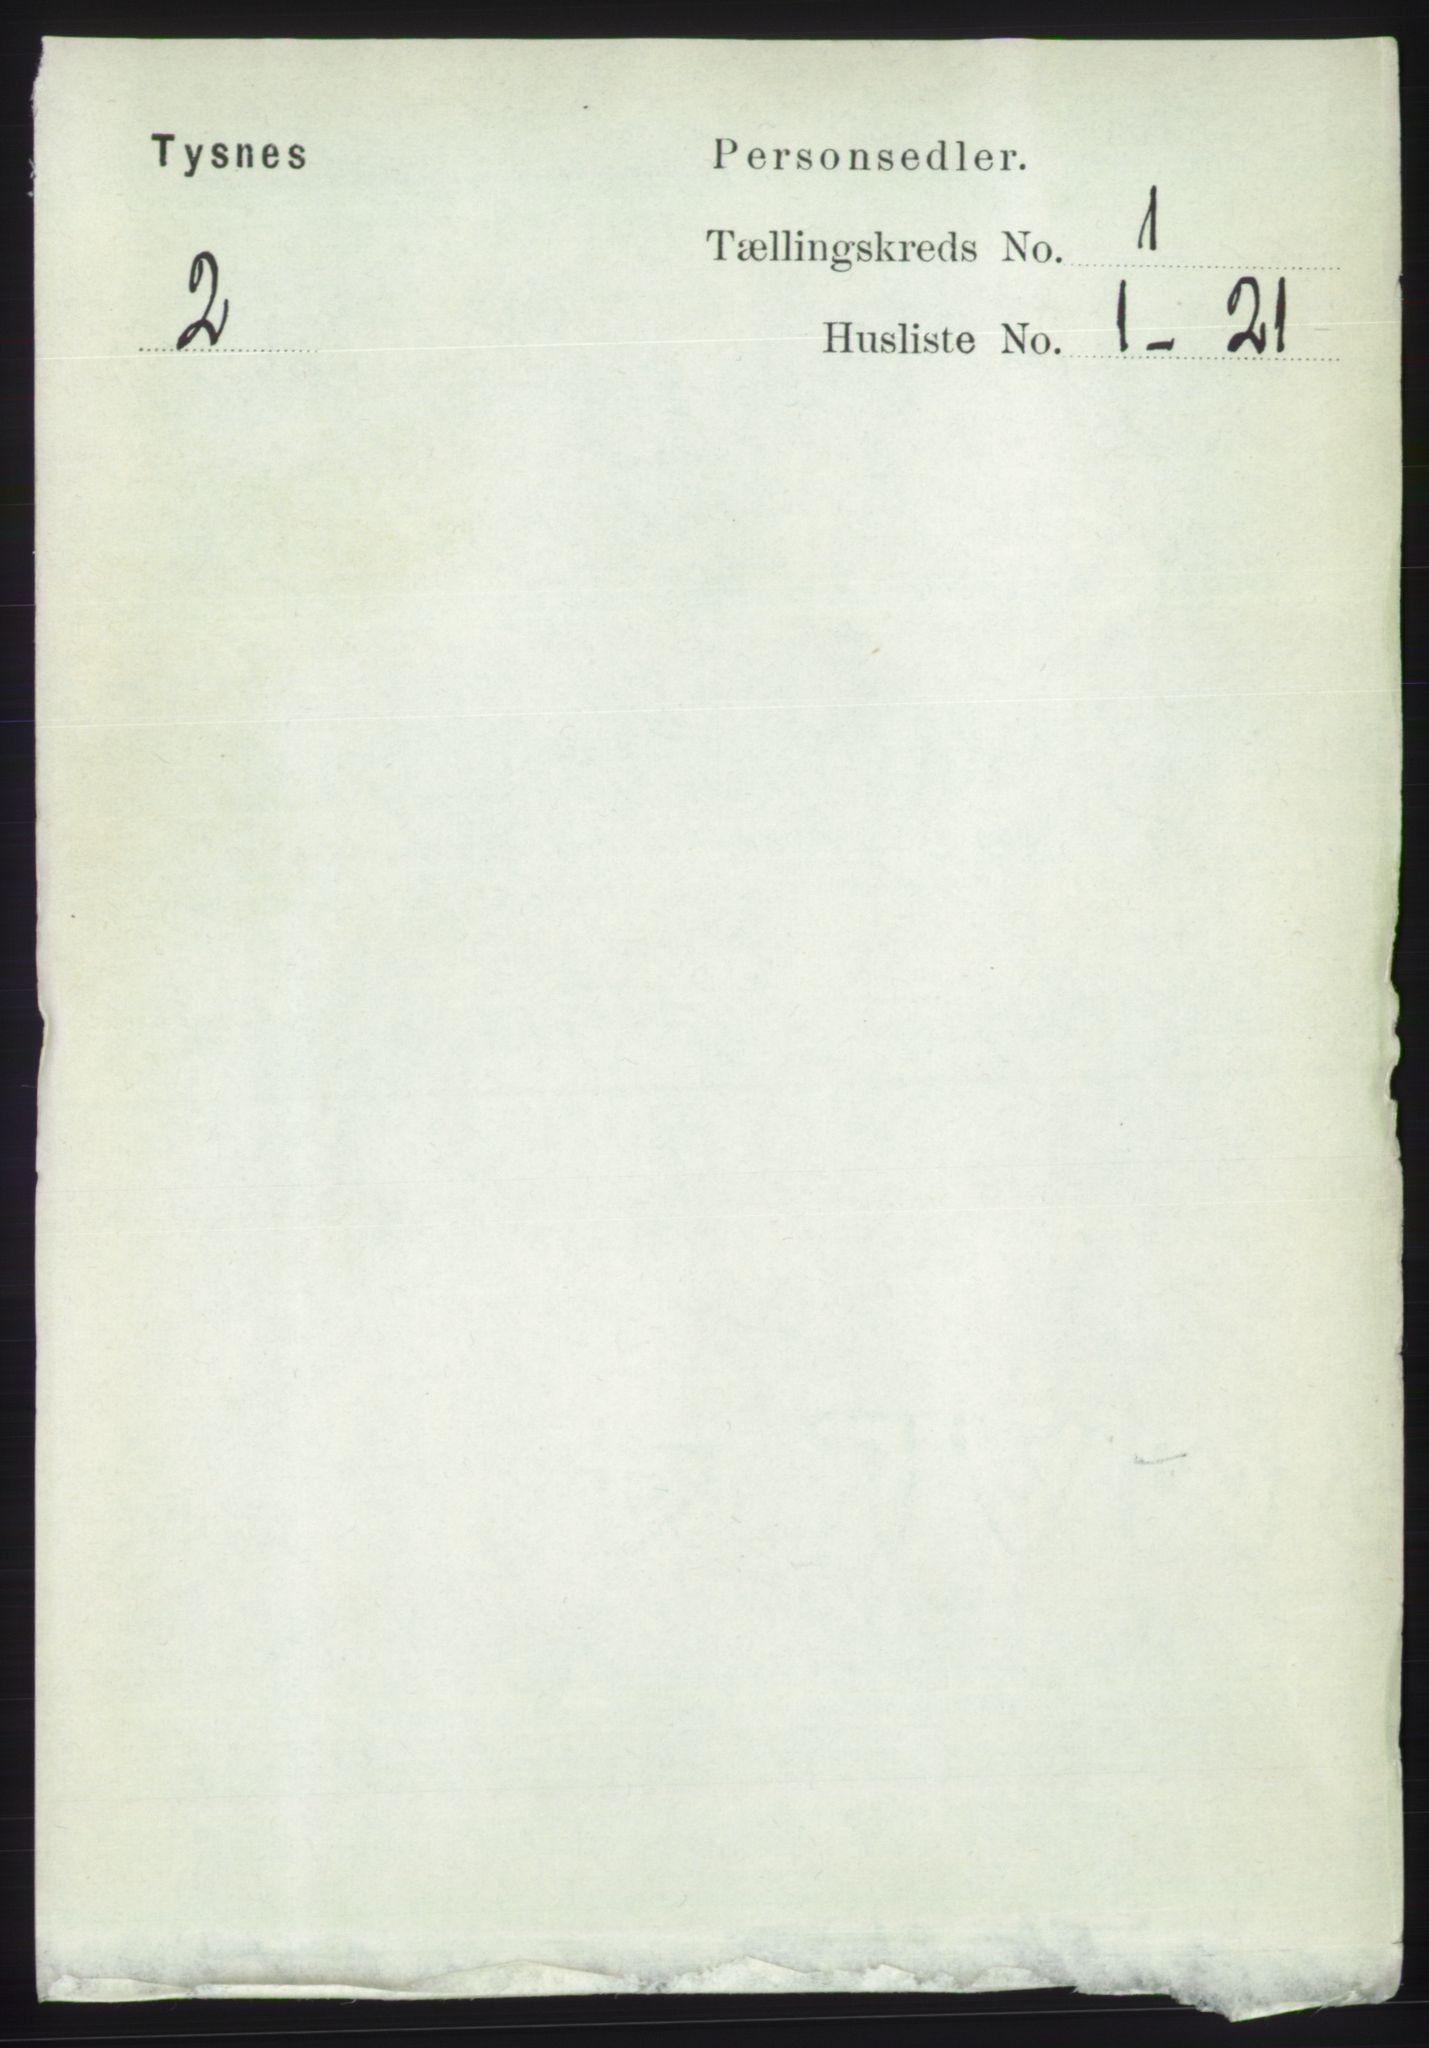 RA, Folketelling 1891 for 1223 Tysnes herred, 1891, s. 87